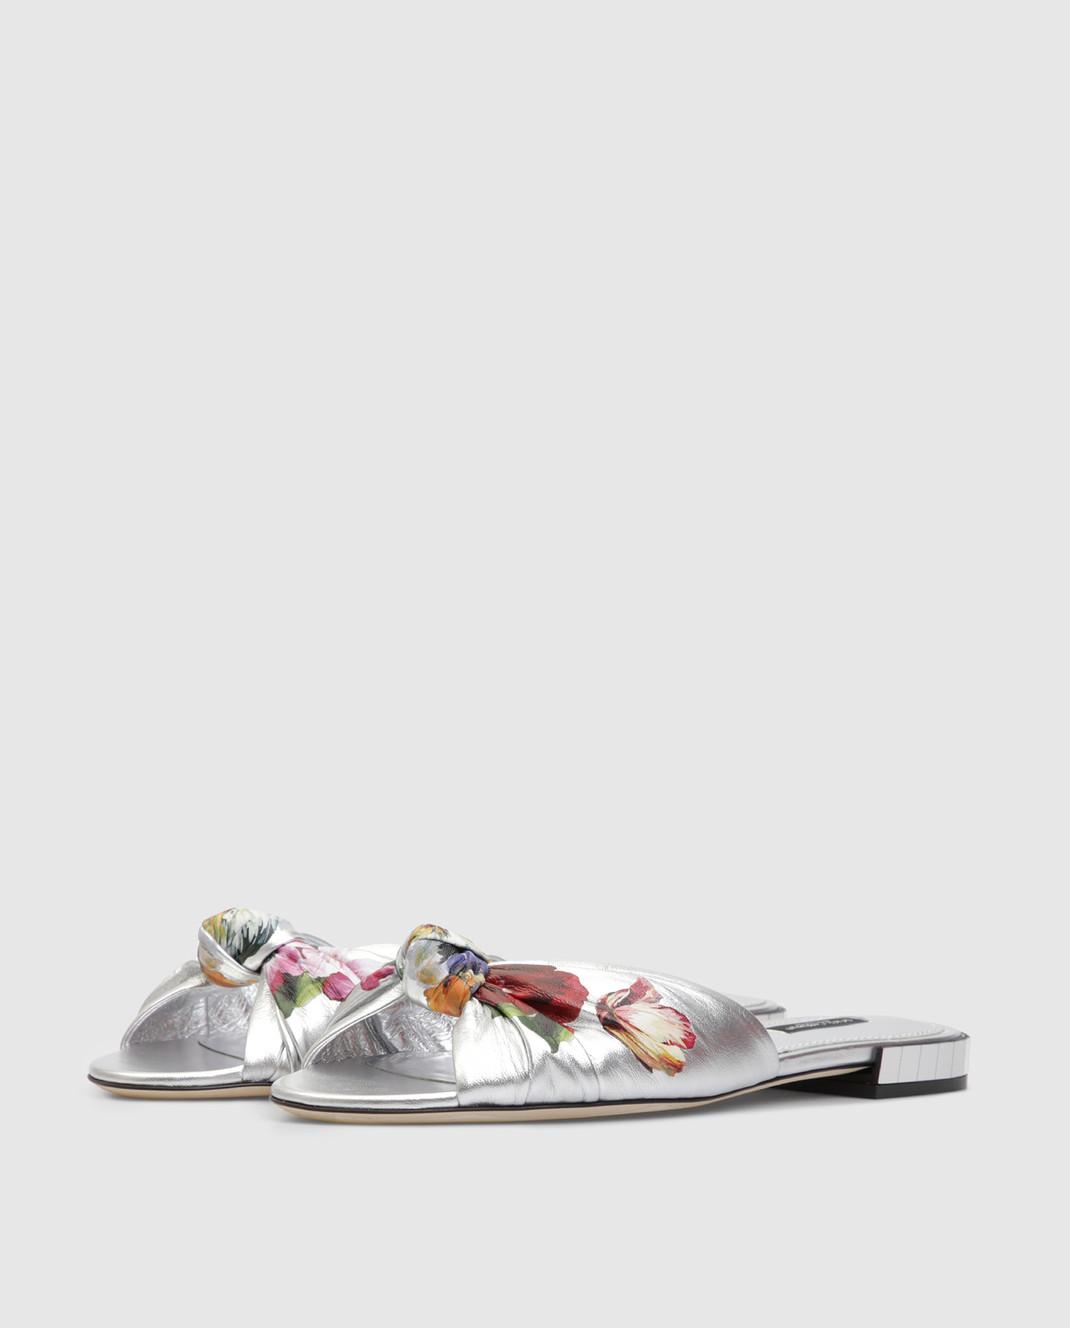 Dolce&Gabbana Серебристые кожаные шлепанцы изображение 3